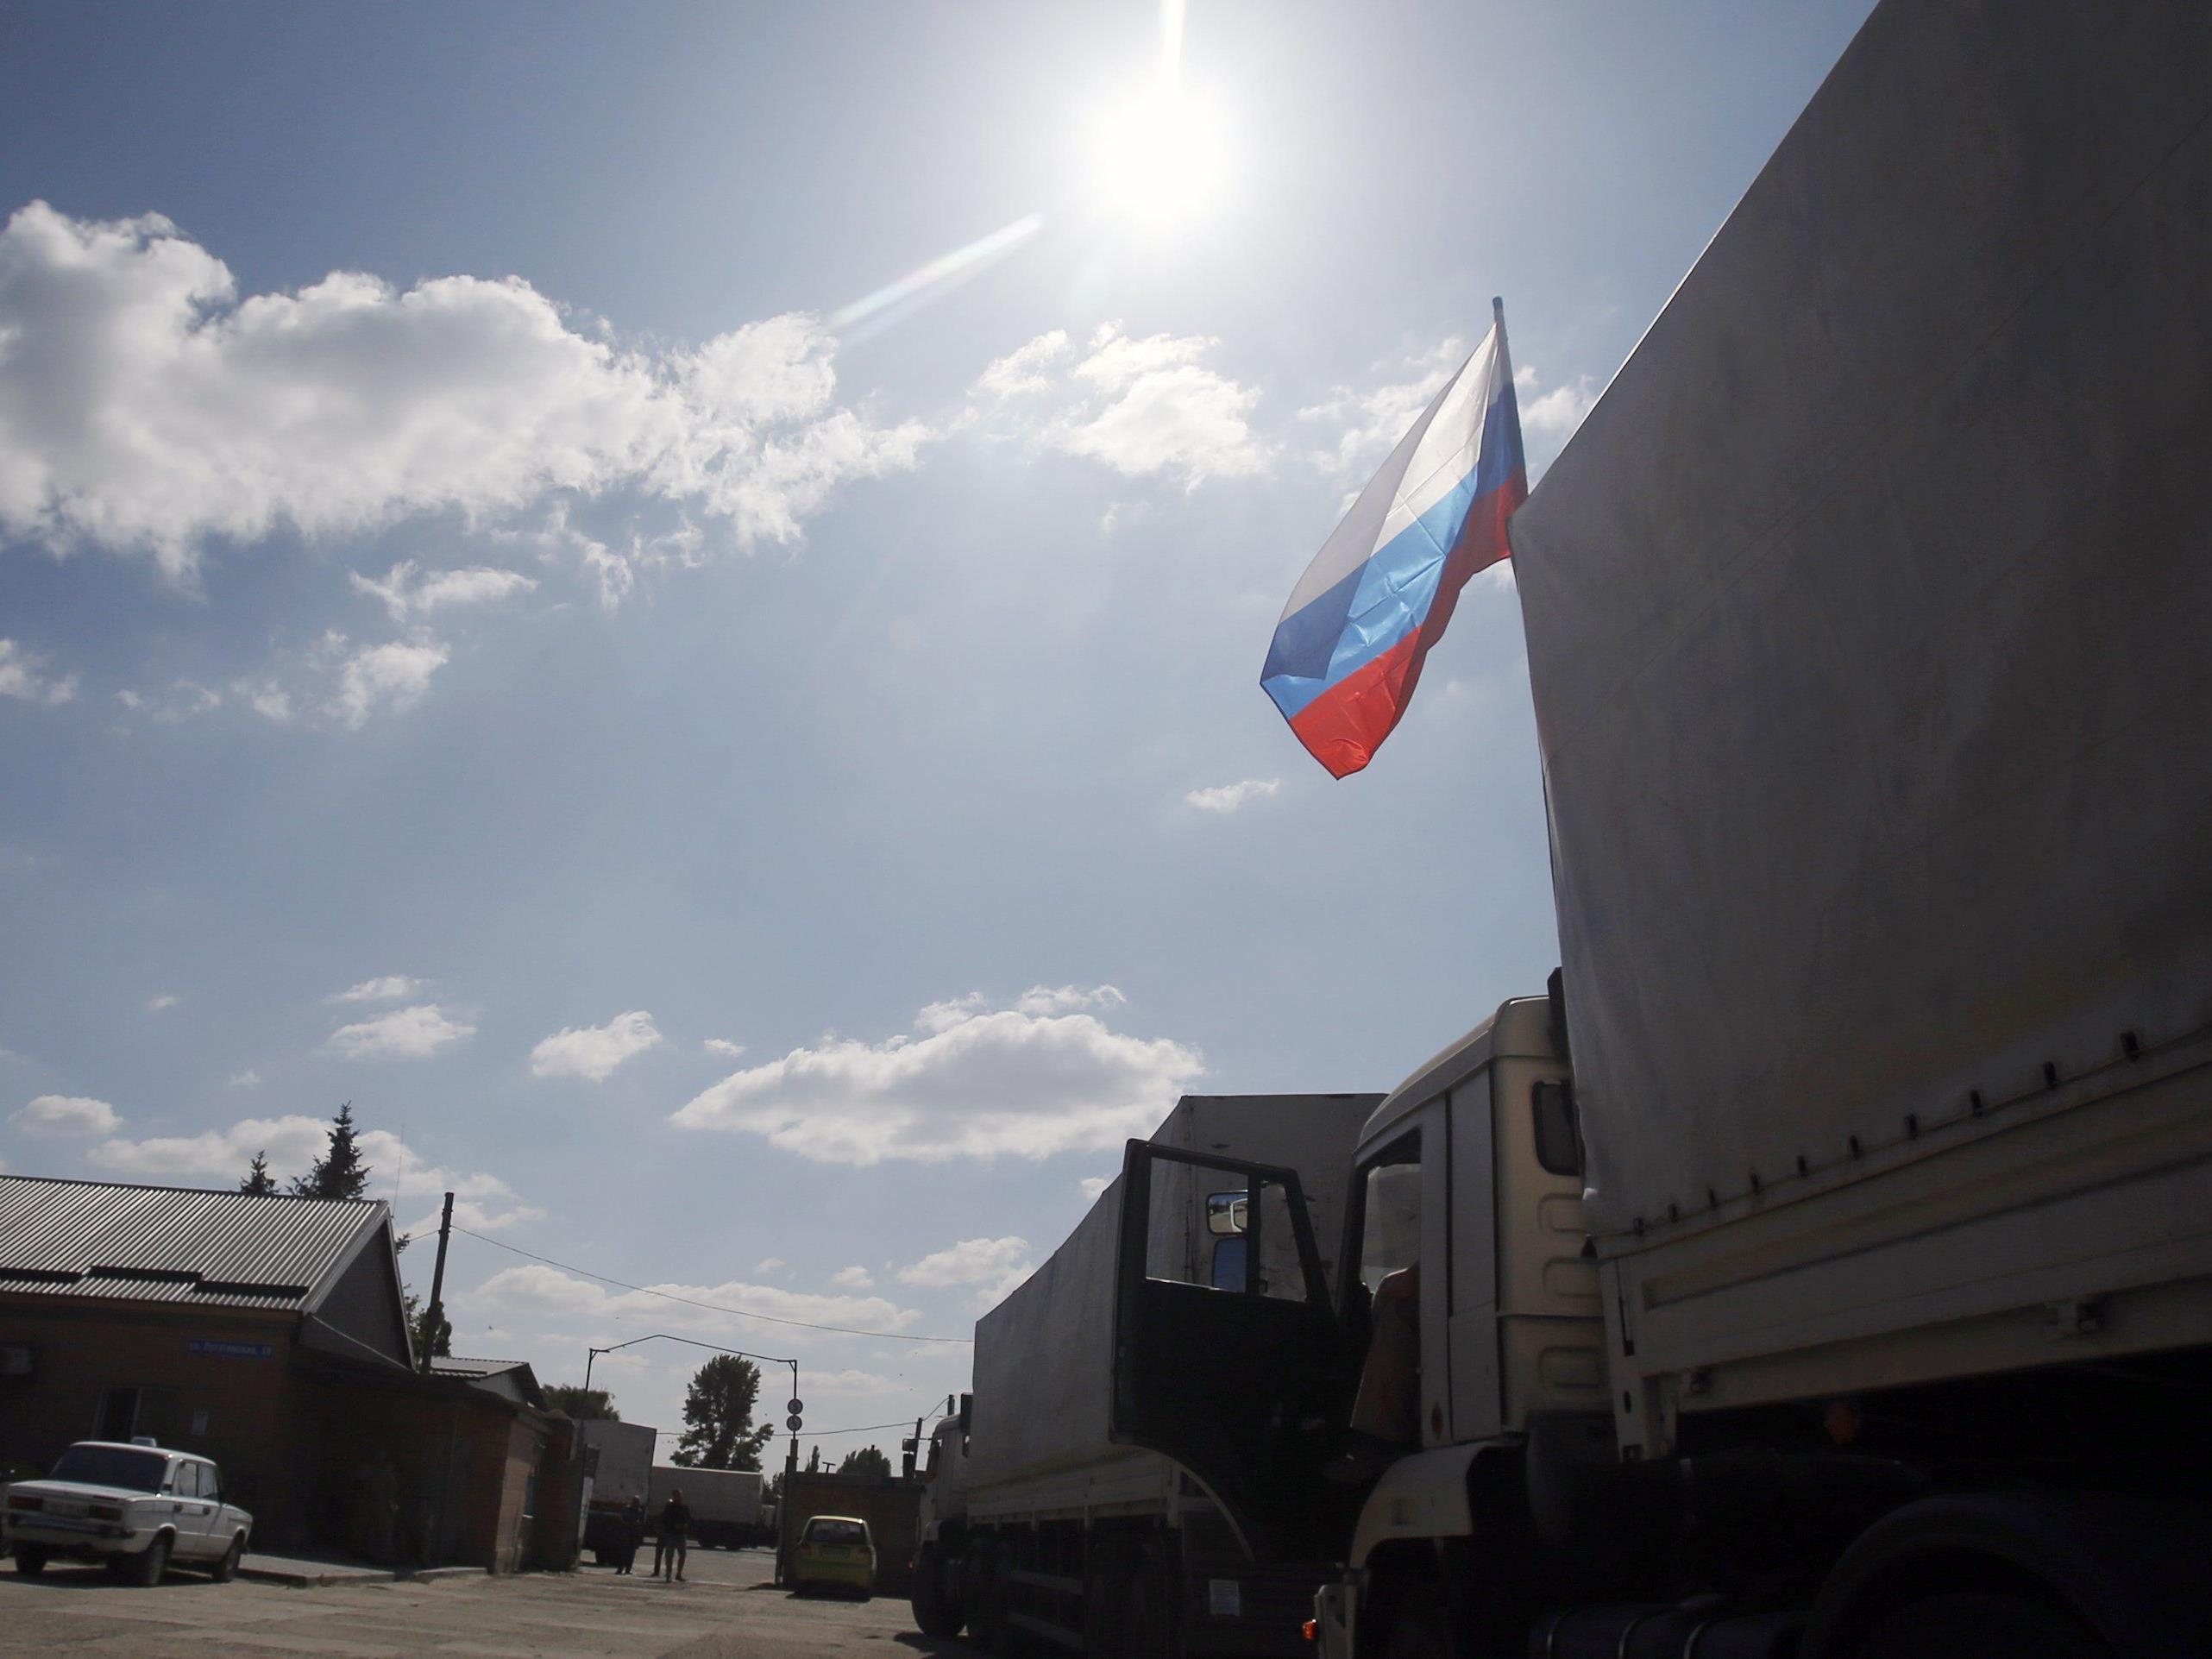 """Die erste Gruppe von 40 Lastkraftwagen sei """"schnell"""" von den russischen Grenzschutz- und Zolldiensten überprüft worden, so die OSZE."""